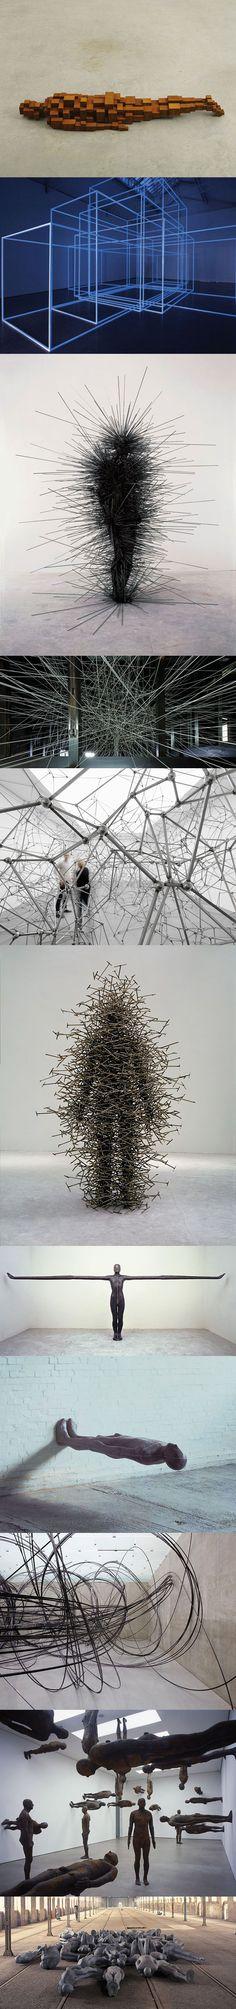 Gros coup de coeur pour les travaux du designer/sculpteur/artiste très prolifique Anthony Gormley, des sculptures et installations de toute beauté.